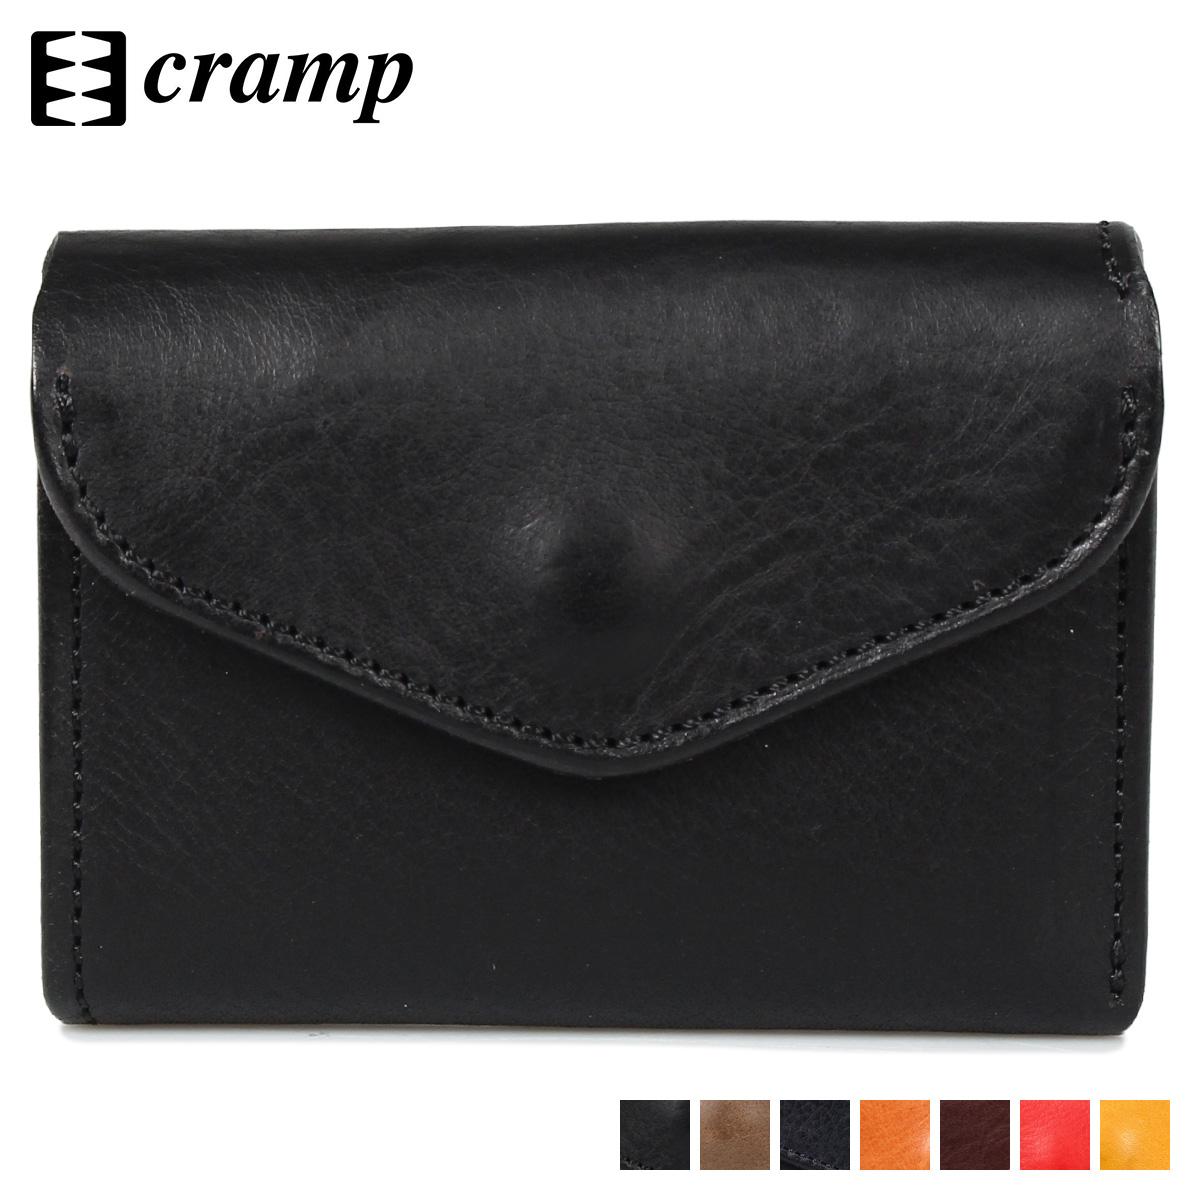 cramp クランプ 財布 二つ折り ミニ財布 メンズ COMPACT WALLET ブラック グレー ネイビー ダーク ブラウン レッド イエロー 黒 CR-170